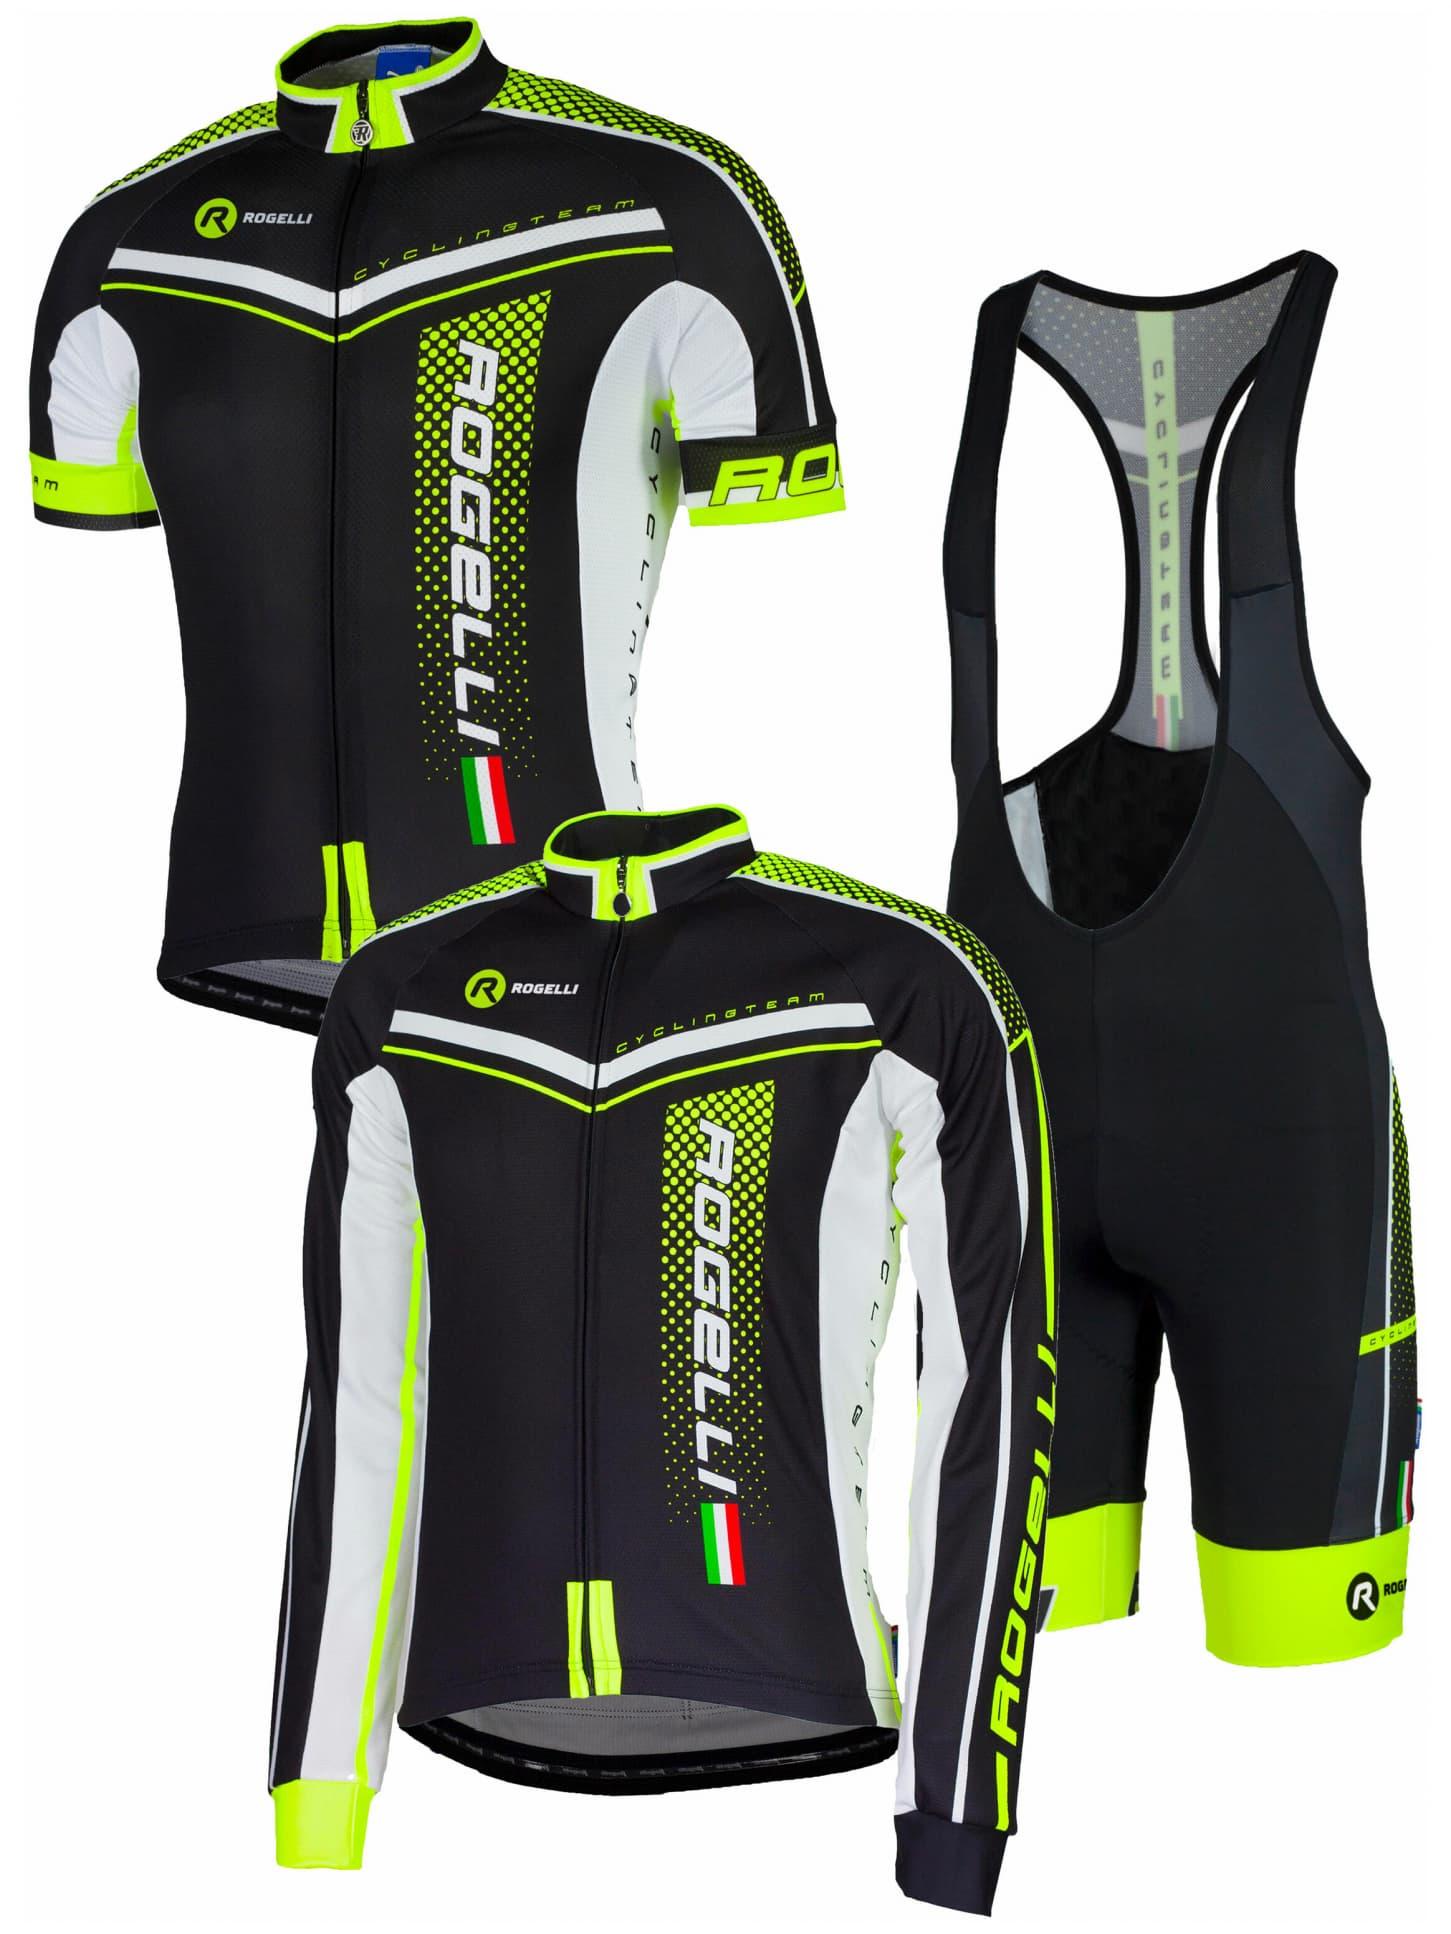 d8474012b6357 Letné cyklistické oblečenie Rogelli GARA MOSTRO, reflexné žlté ...